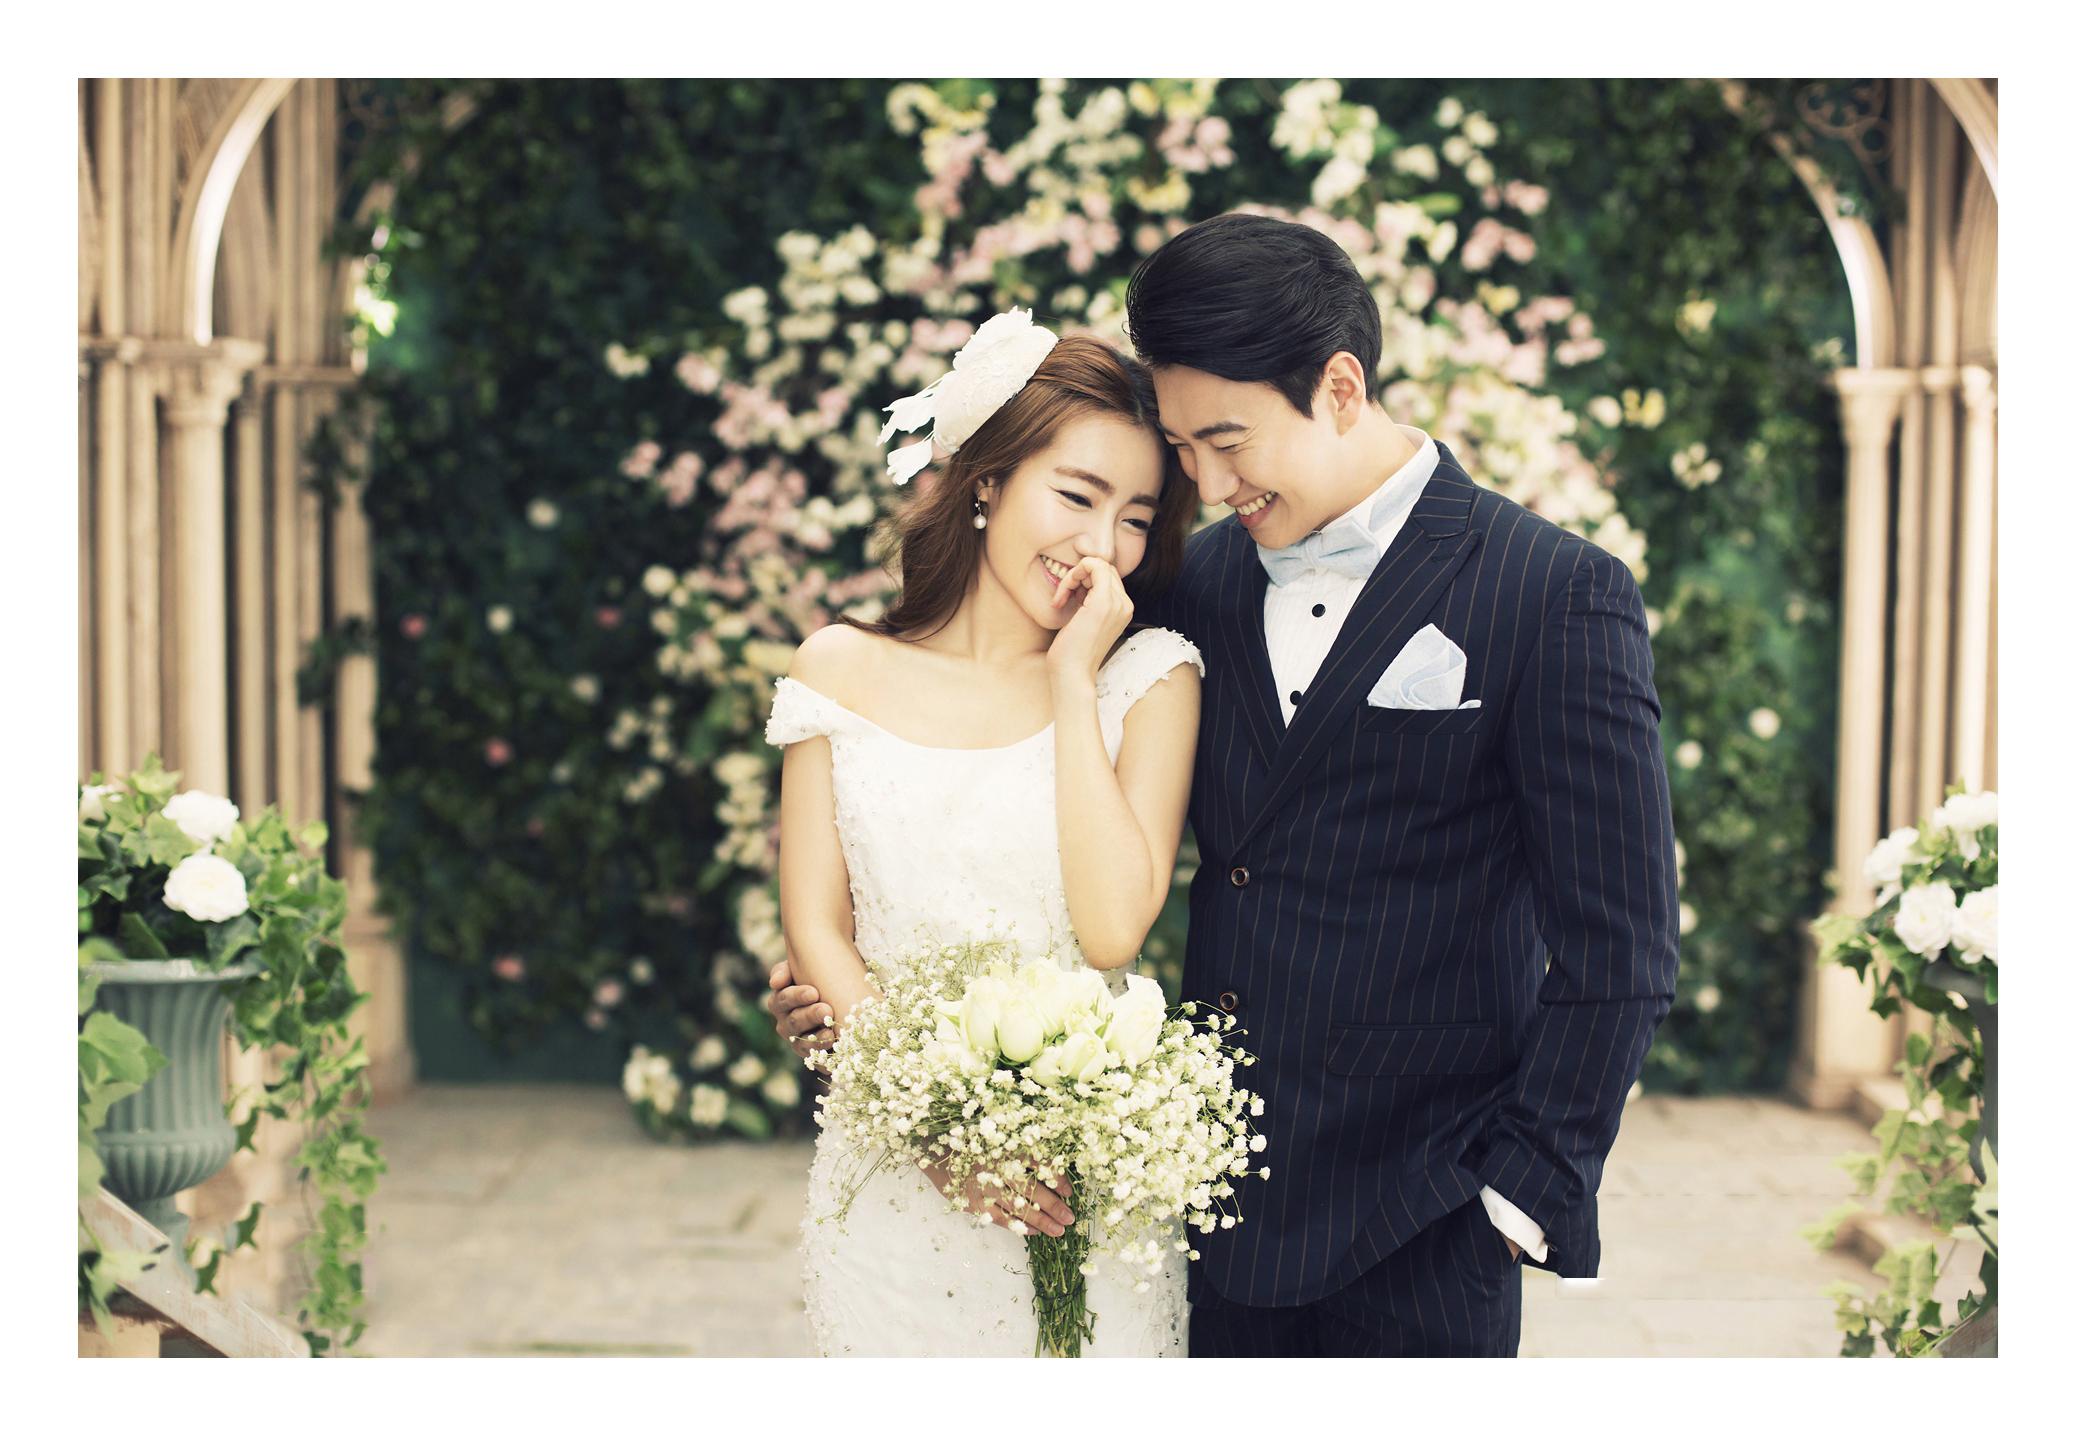 韩式小清新婚纱照,婚纱照图库